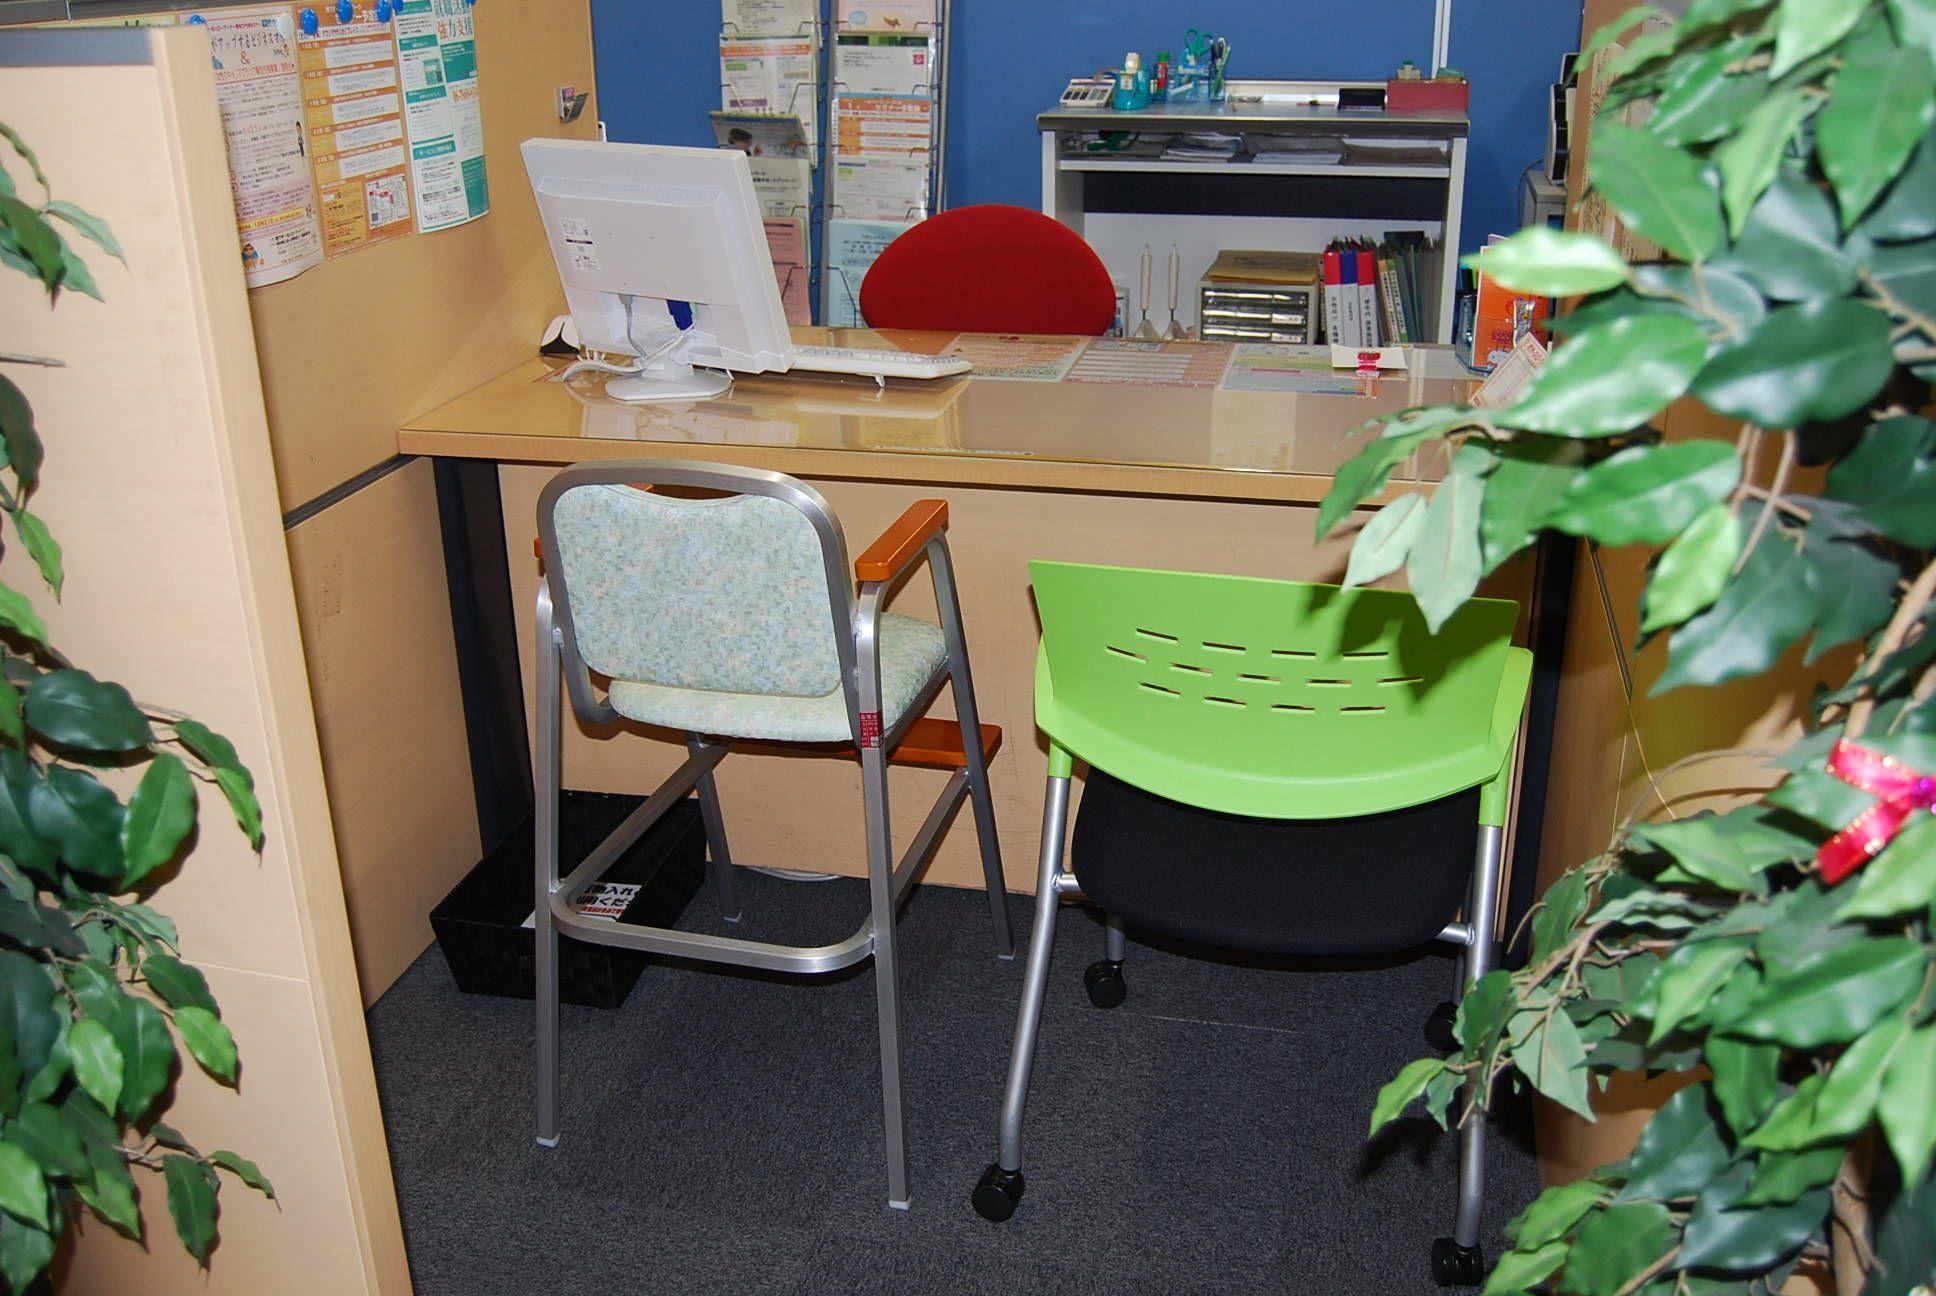 相談スペースも広いスペースが確保されており、子供用の椅子やパパ用の椅子をおいても相談可能な広さがある。